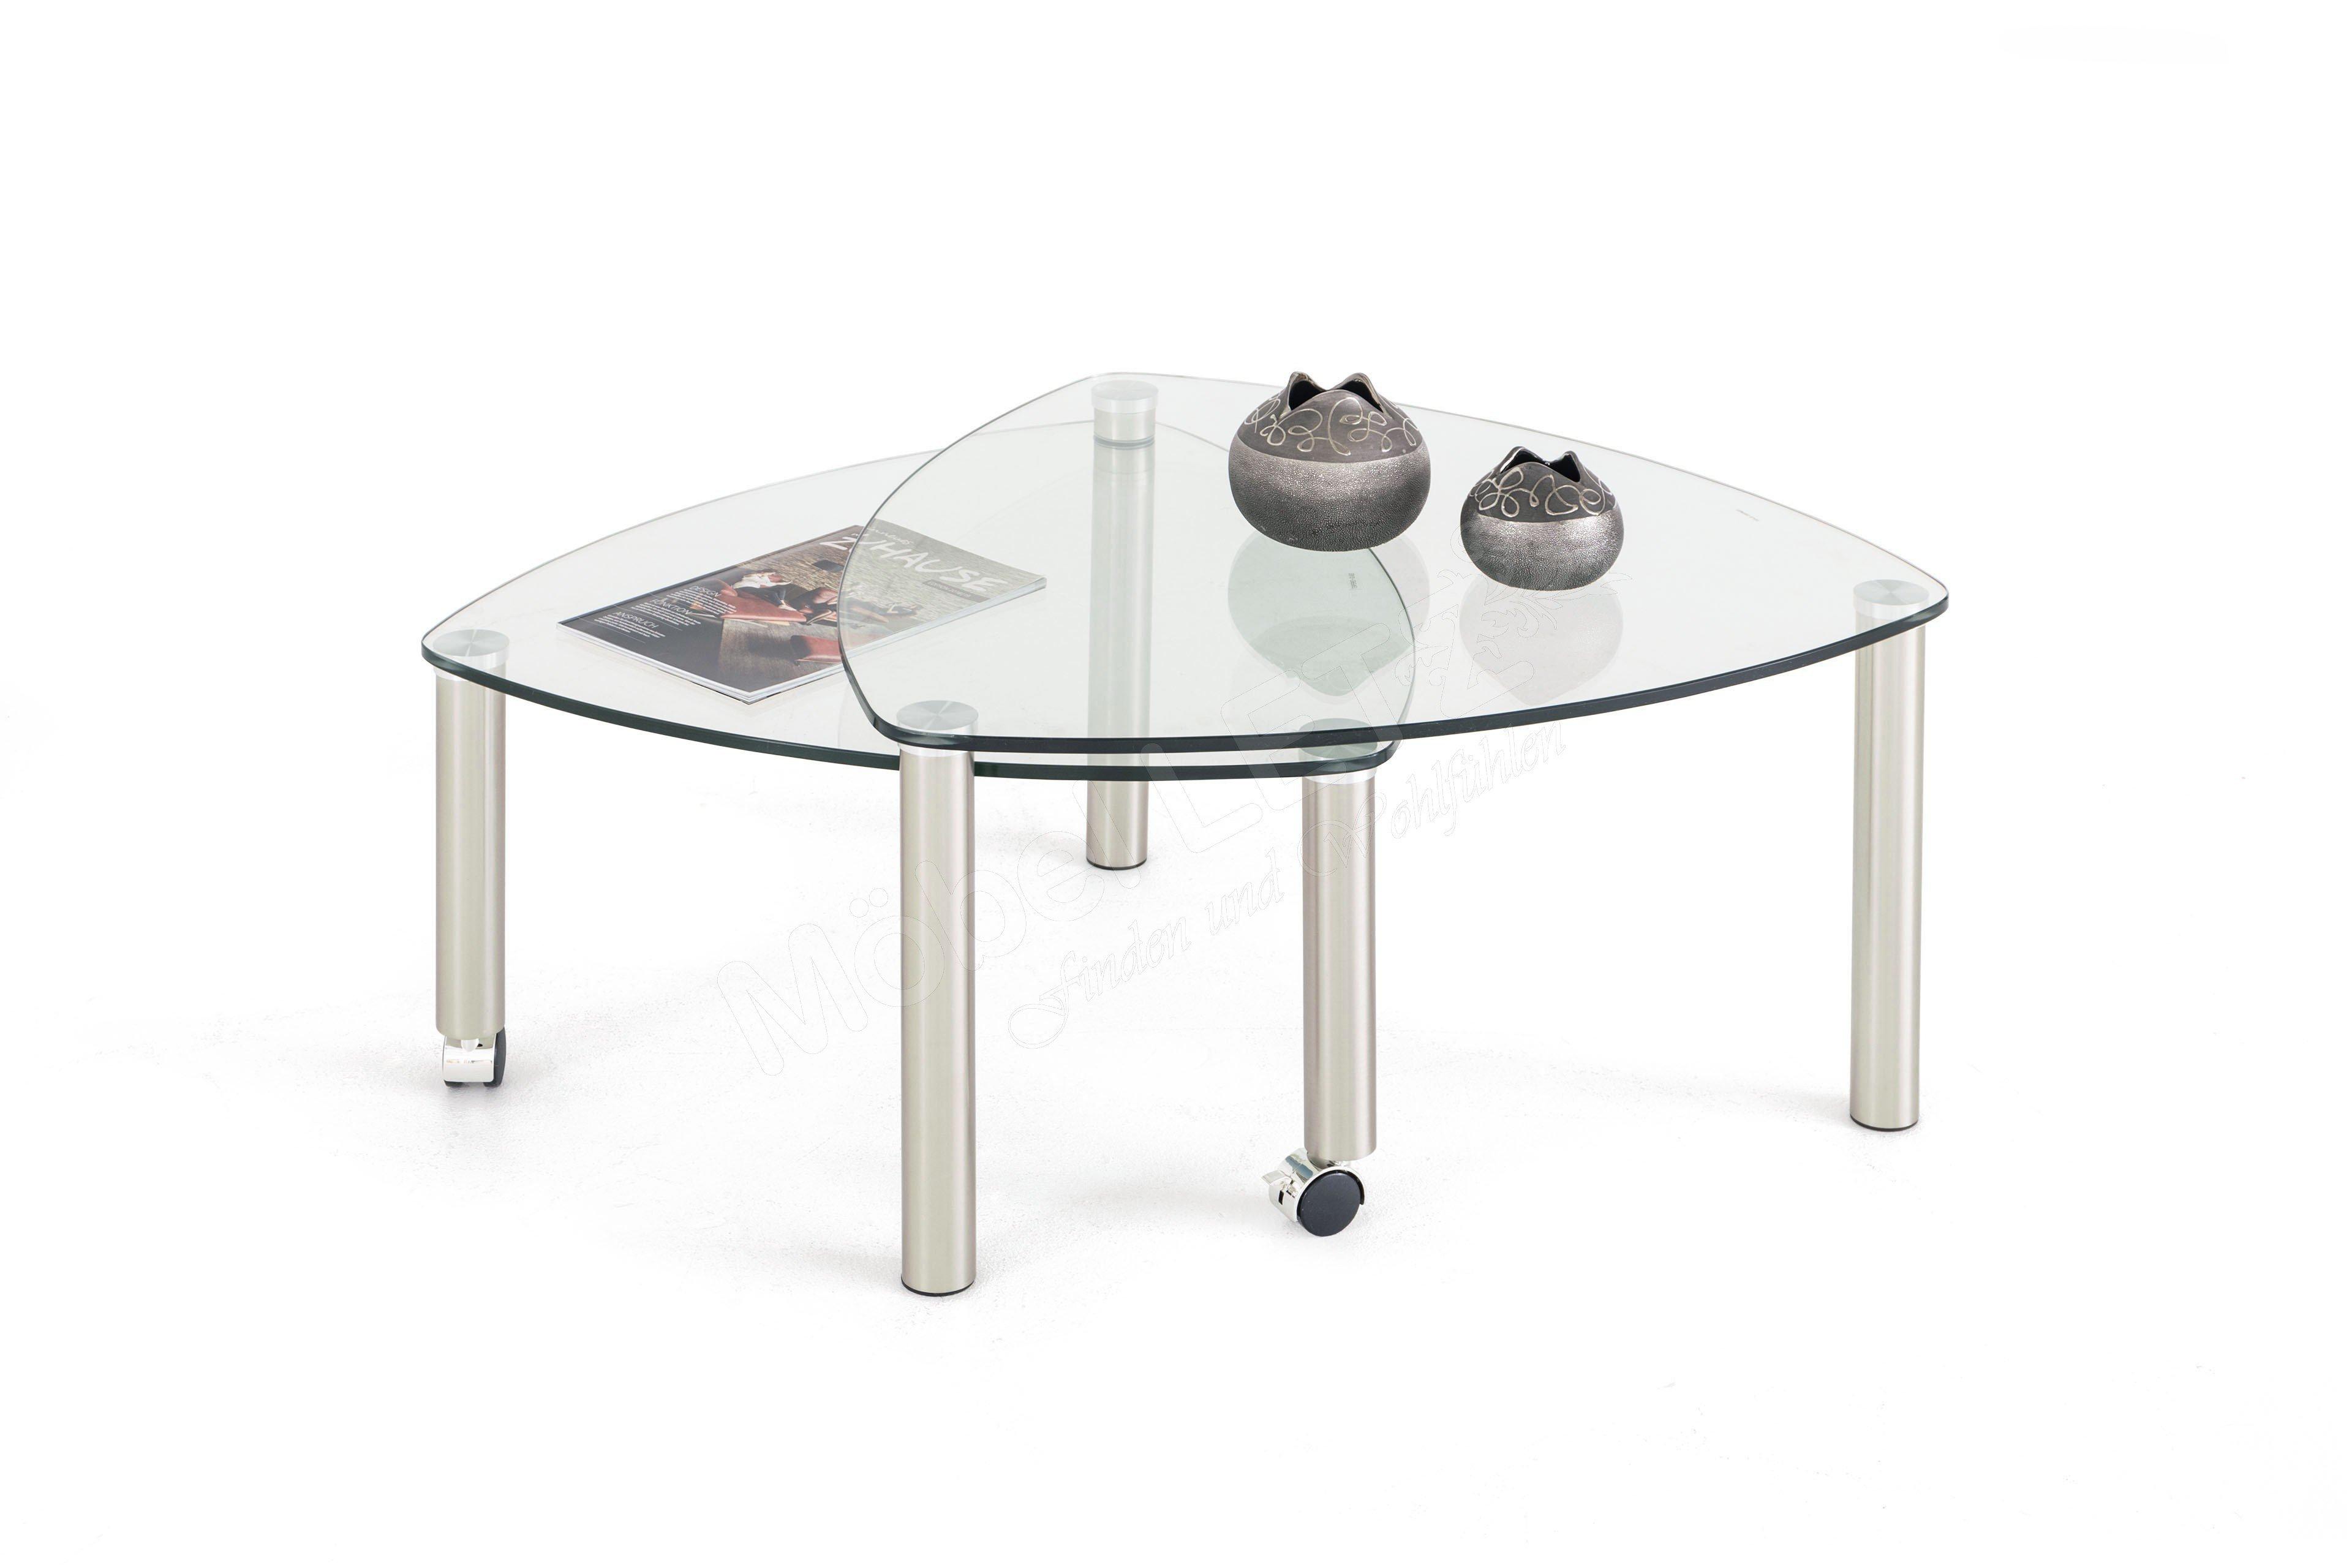 Couchtisch komplett aus glas couchtisch glas grau wei er for Couchtisch ahorn glas